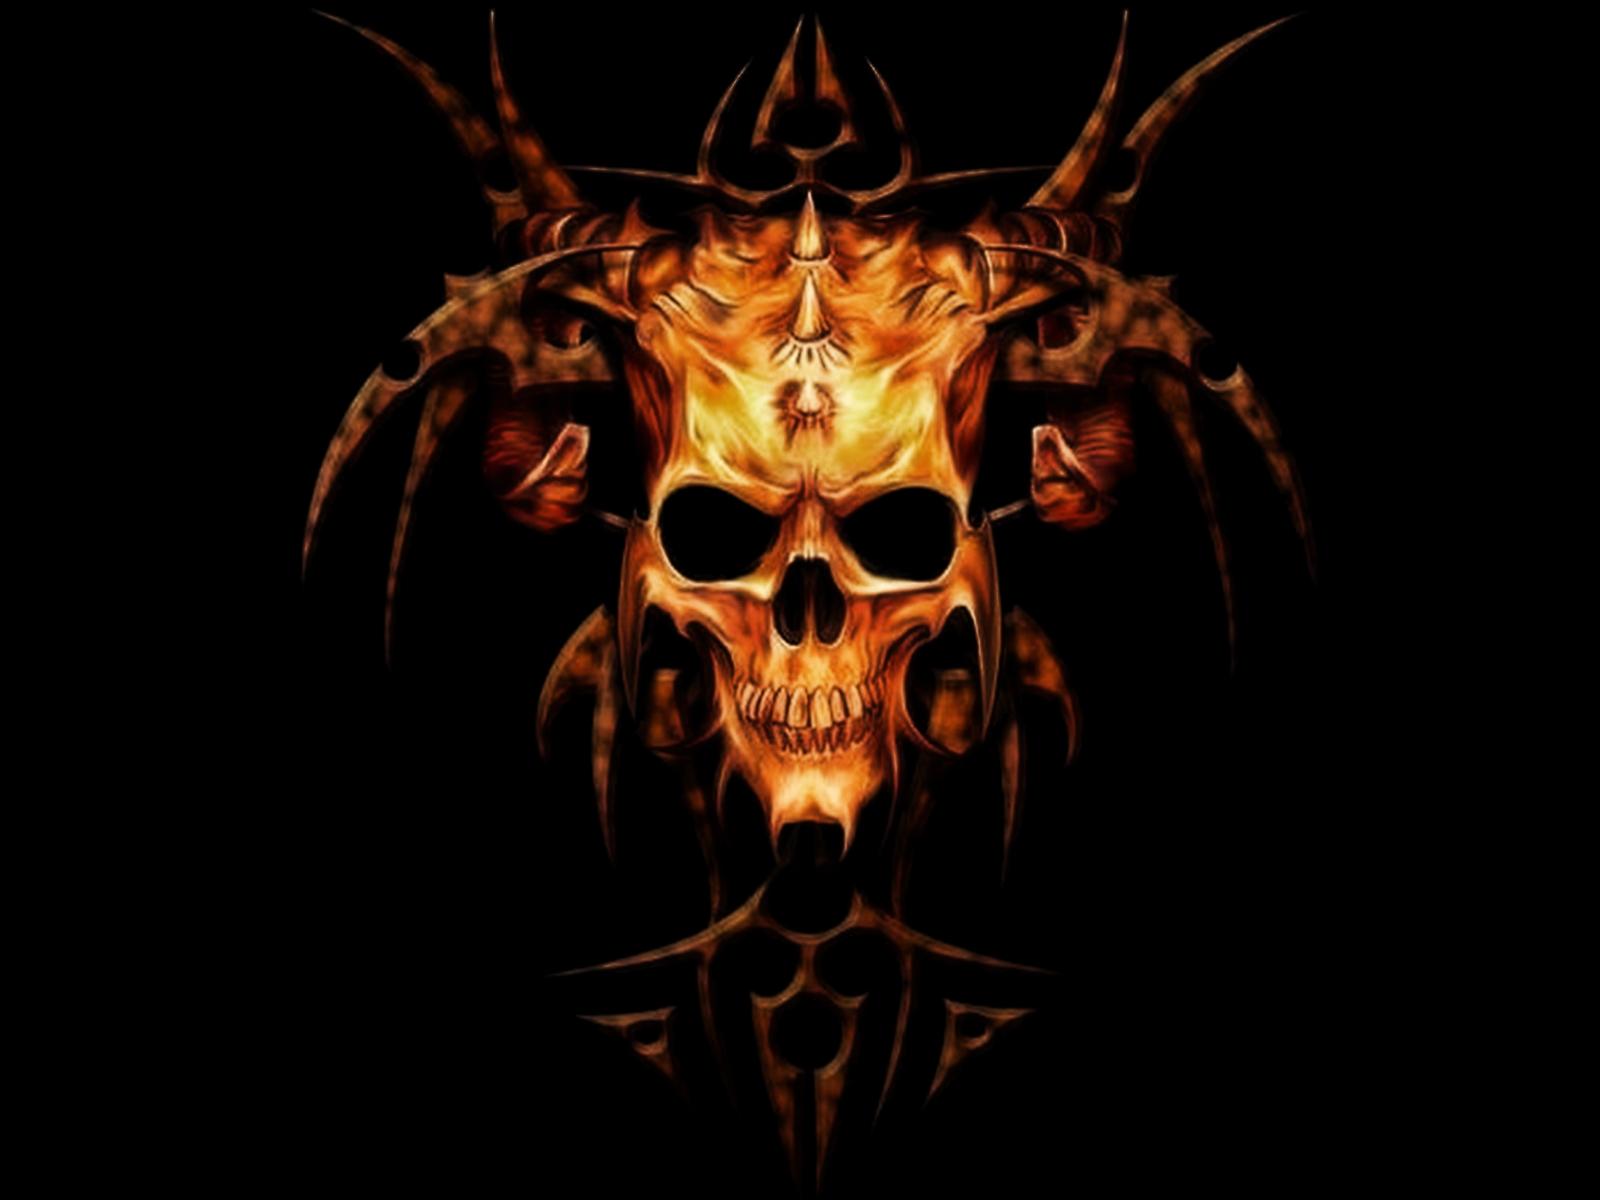 demon skull wallpaper - photo #11